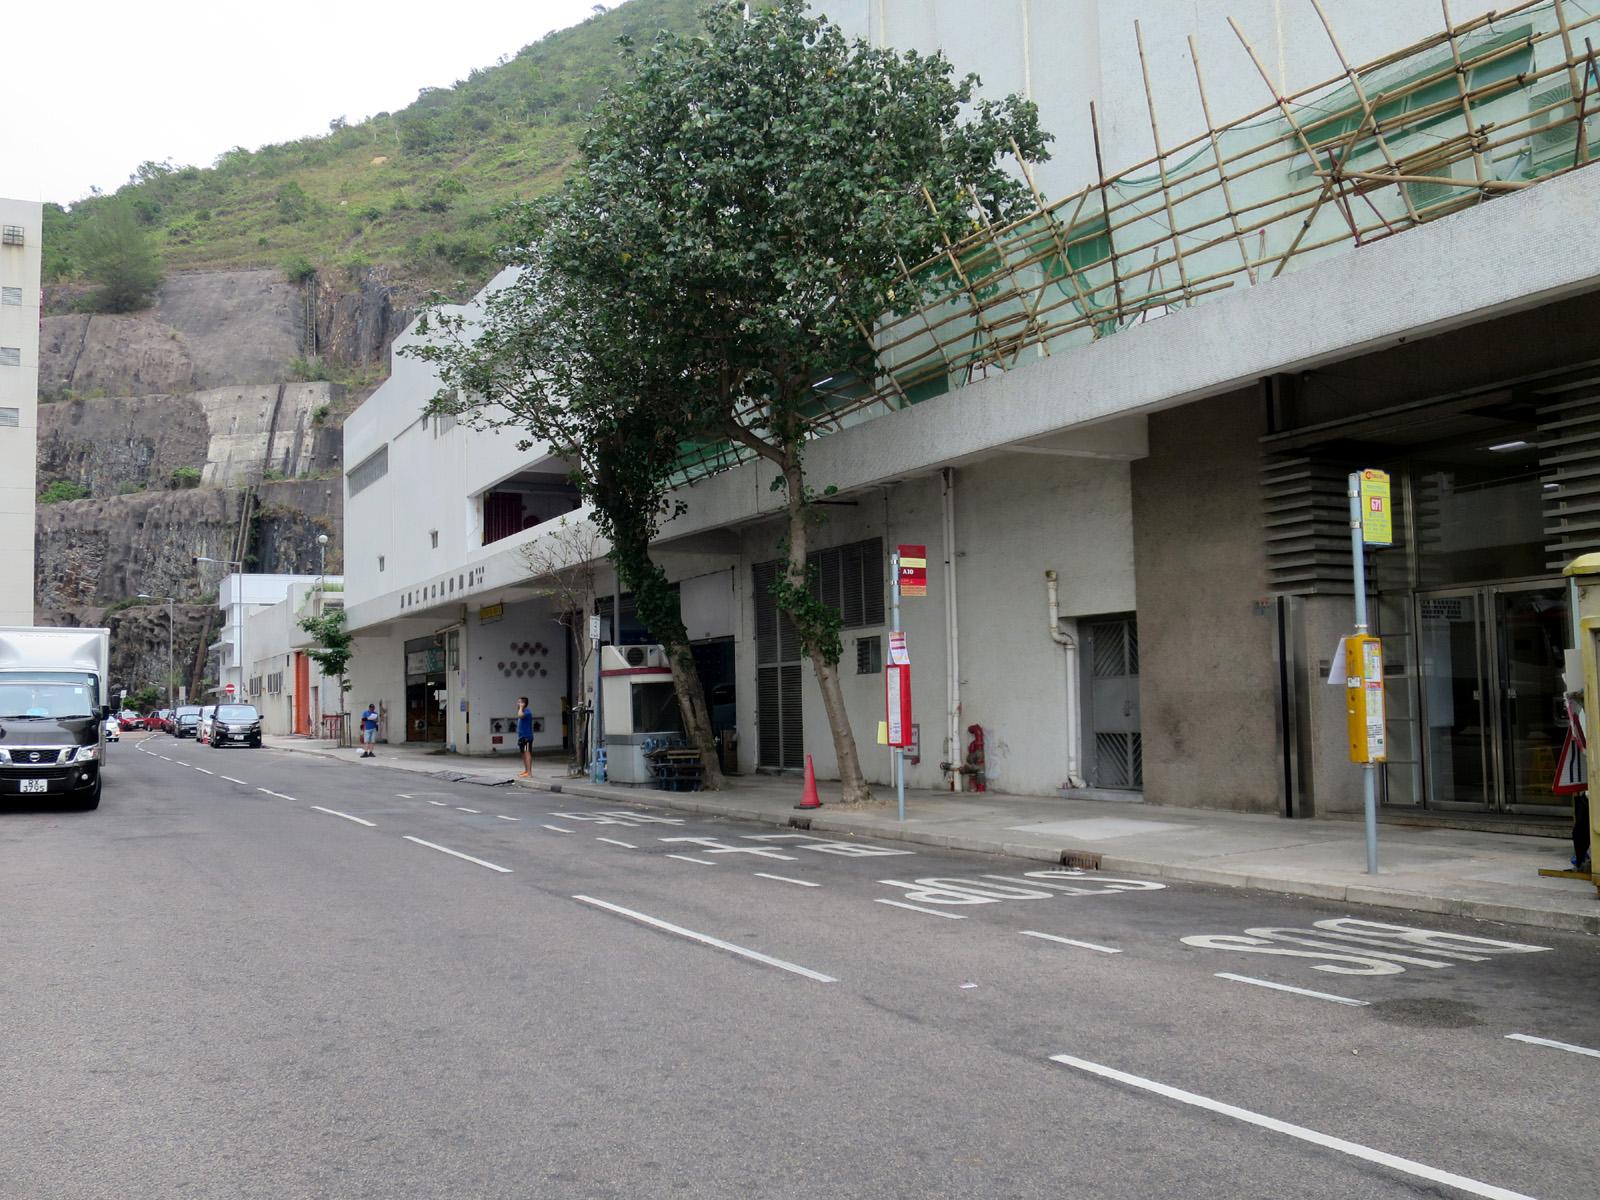 鴨脷洲 (利樂街) 總站